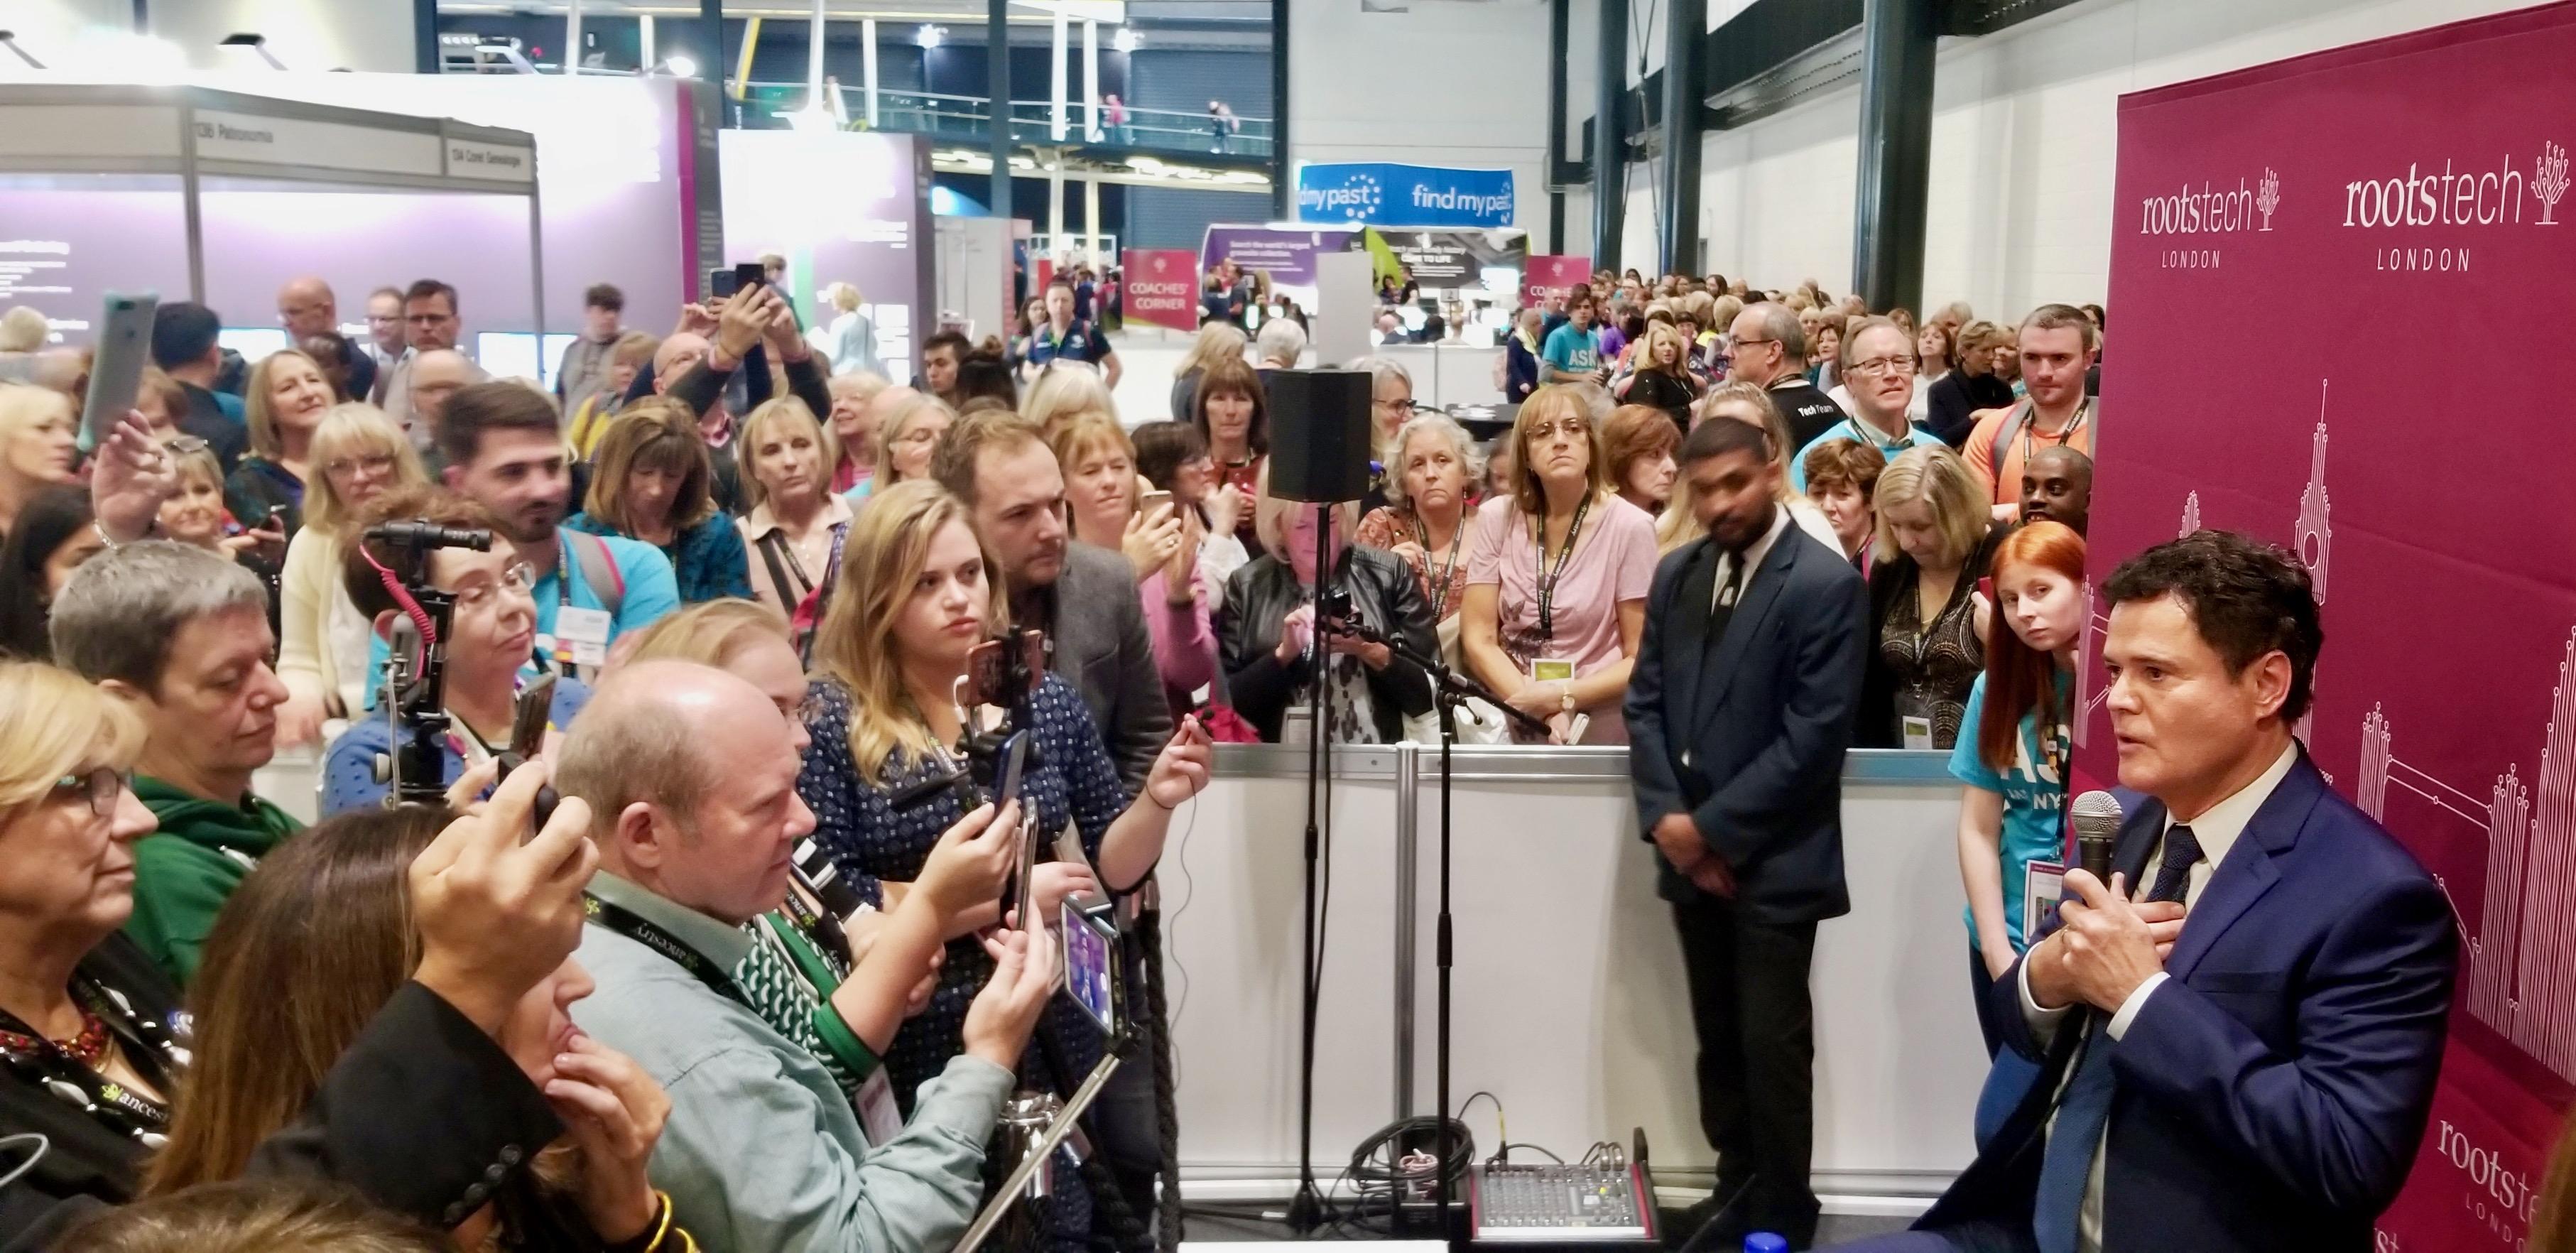 El animador santo de los últimos días, Donny Osmond (derecha), se reúne con los medios de comunicación en RootsTech Londres, el 26 de octubre de 2019, mientras una larga fila de participantes lo espera para conocerlo y saludarlo.